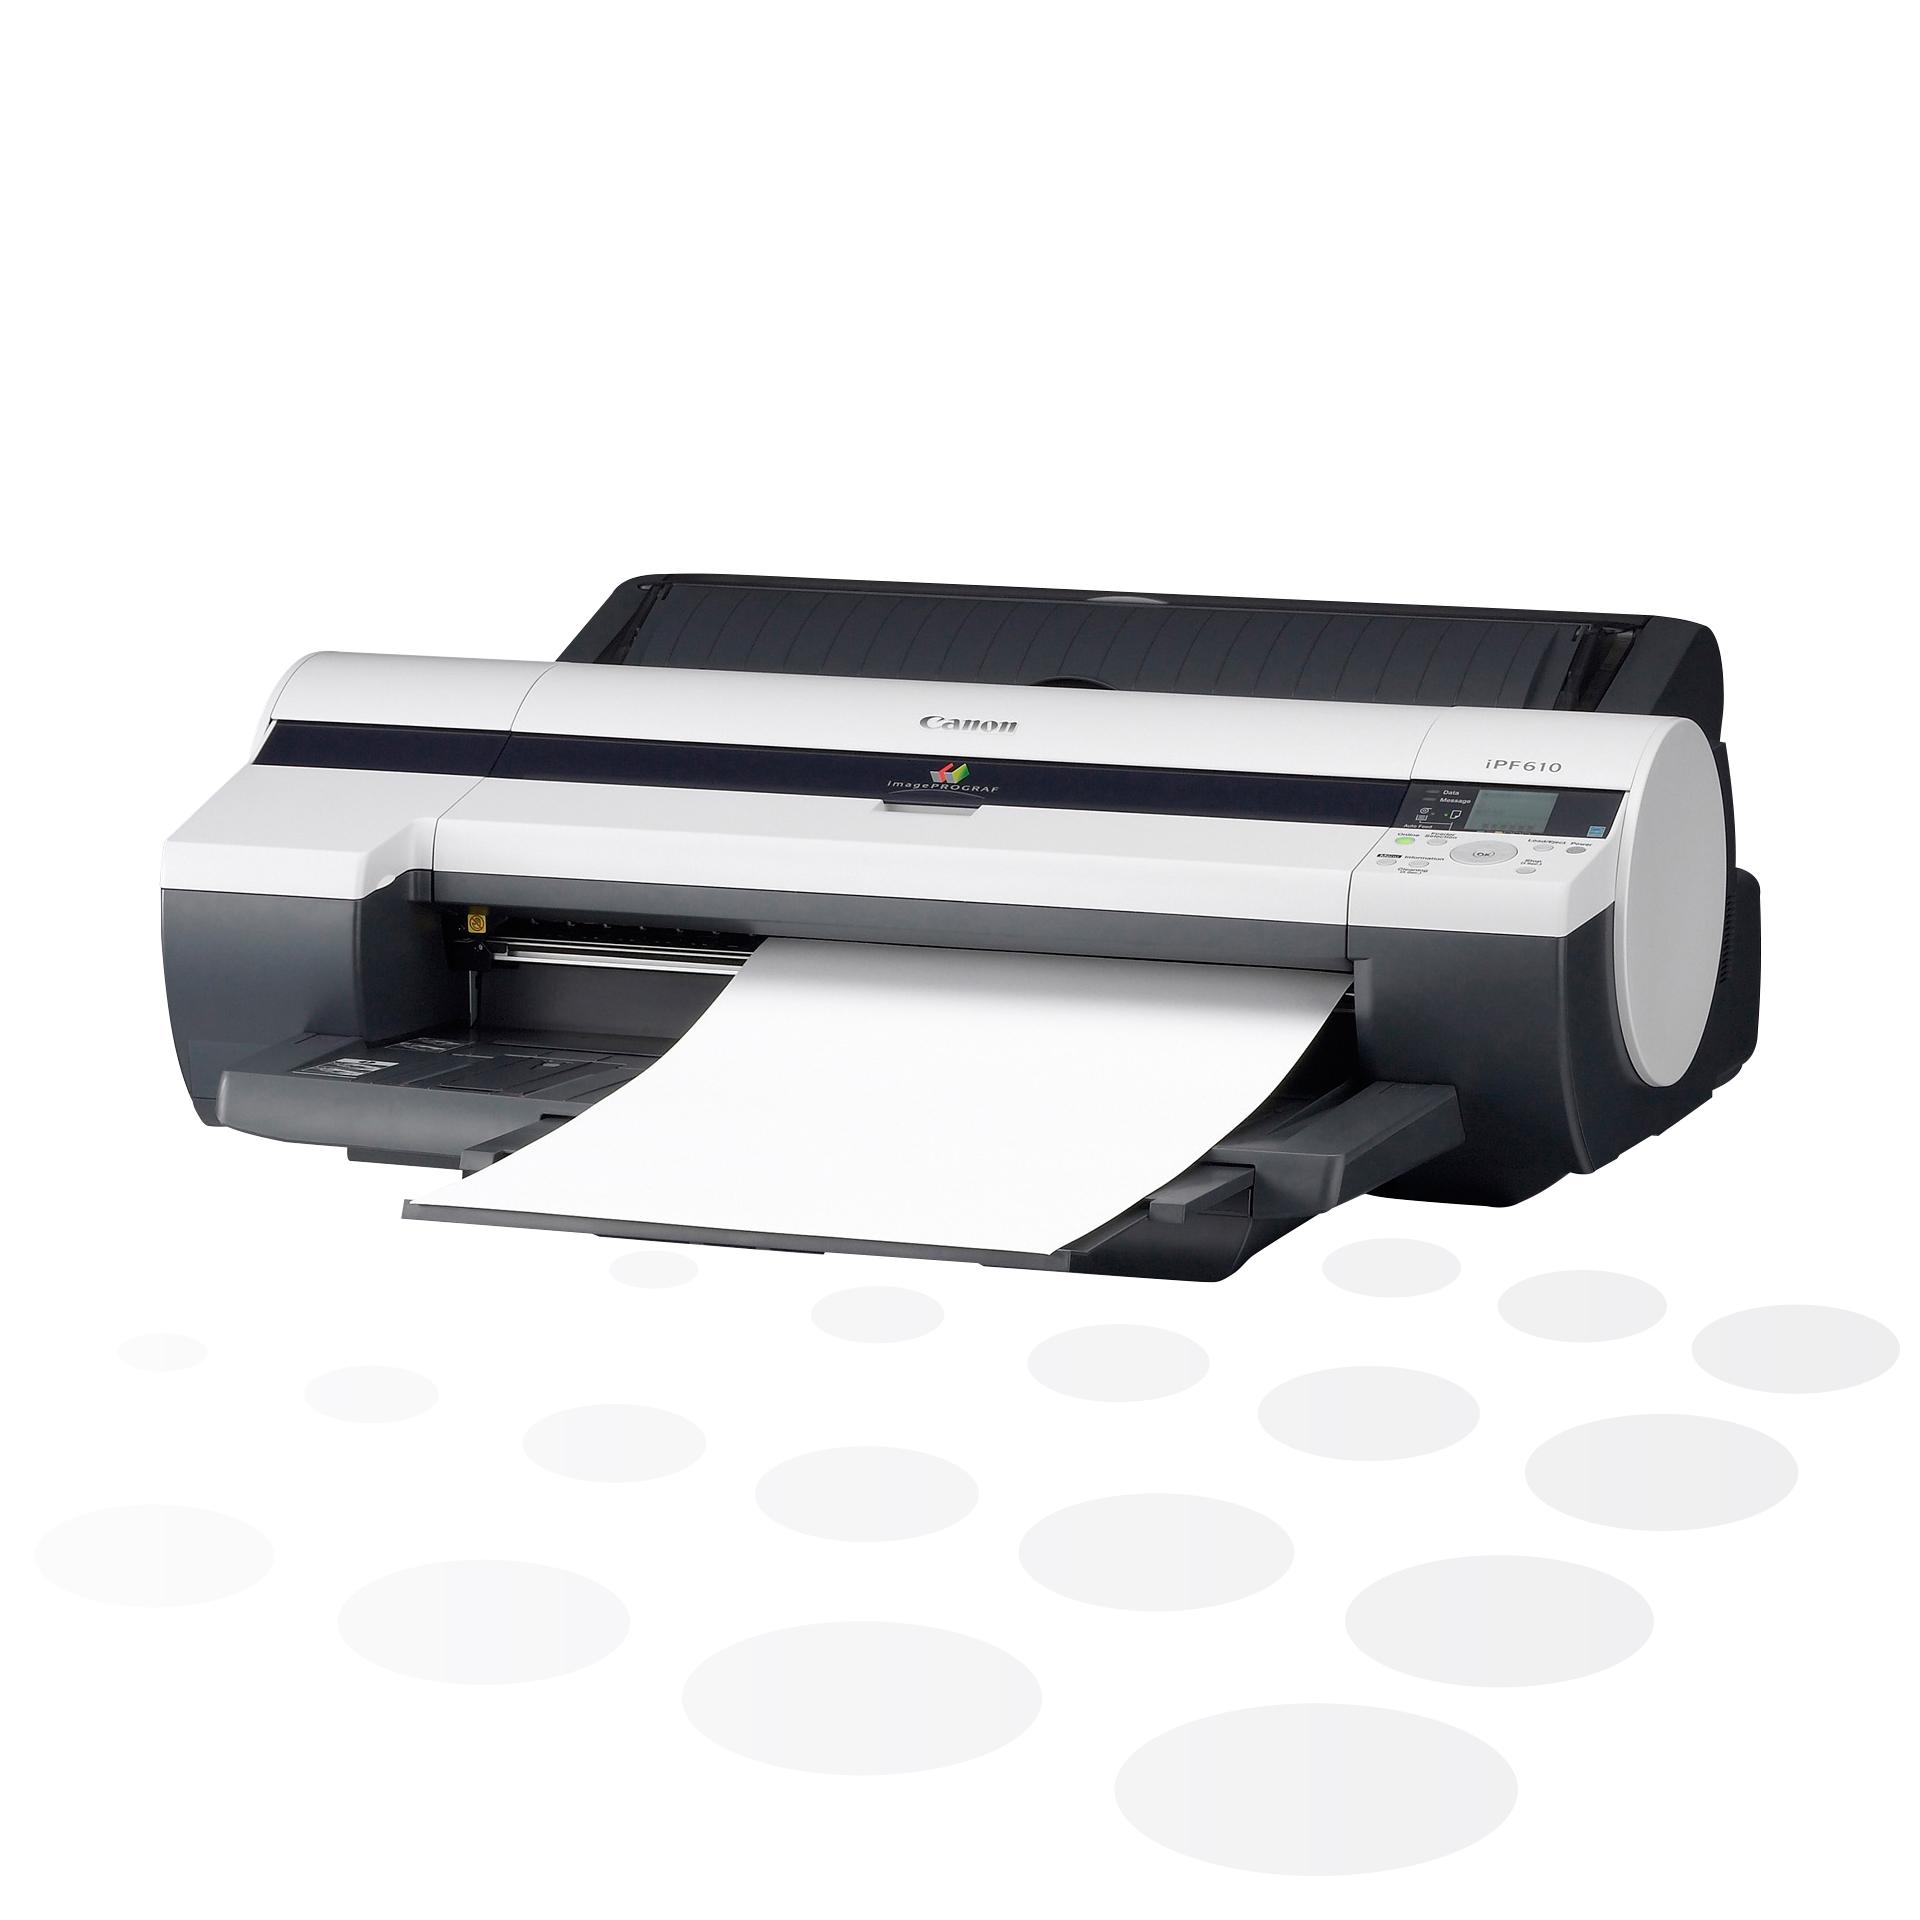 """iPF610 - 24"""" Großformatdrucker ohne Untergestell"""